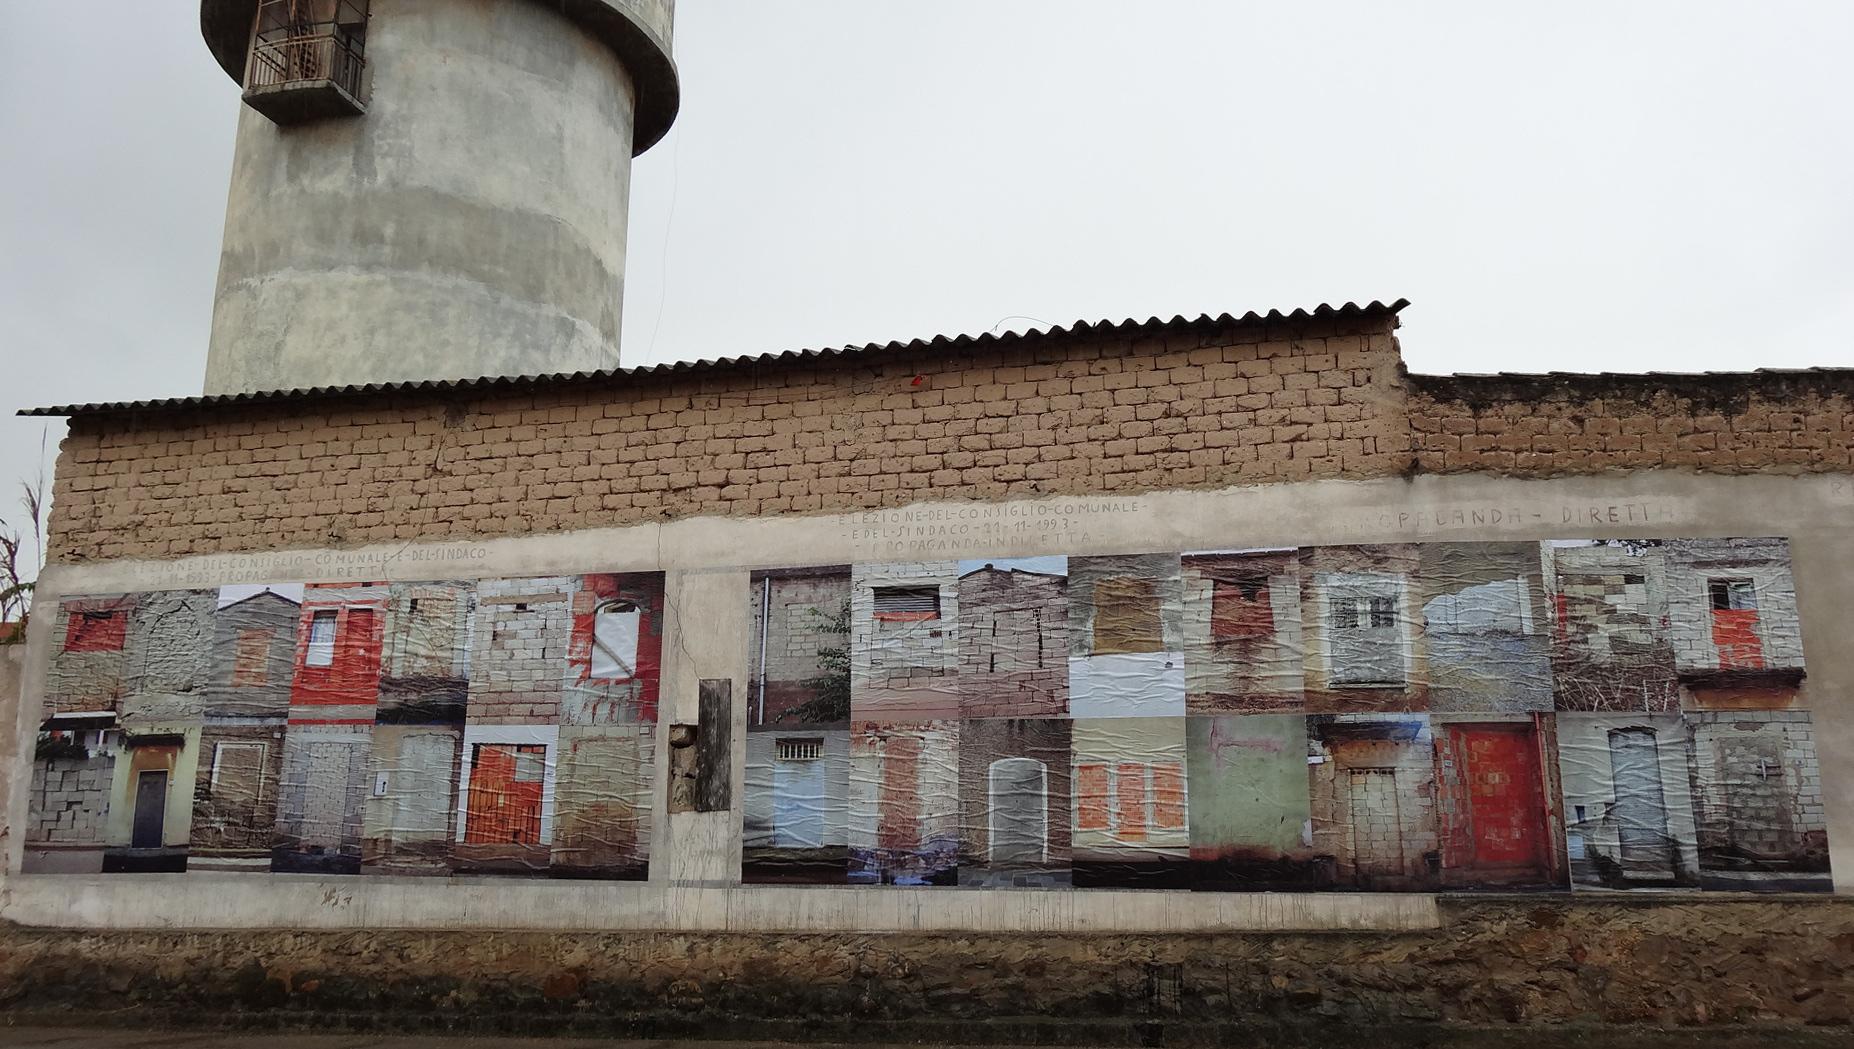 Andrea Kalinova, Enter, 2013. 32 fotografie digitali, installazione site specific, Le Ville Matte 2013